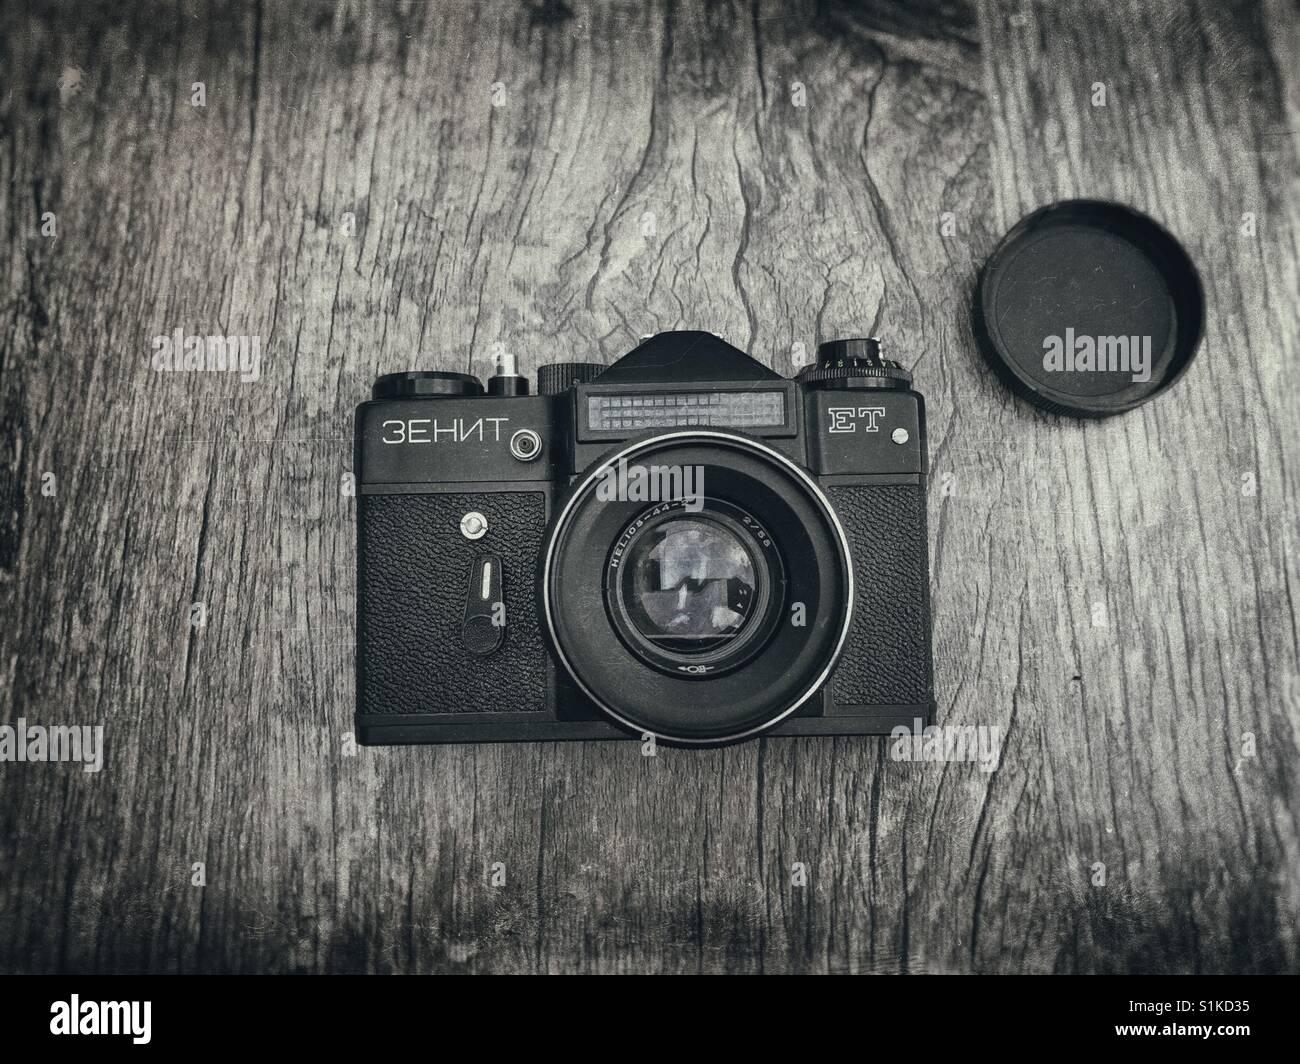 Zenit ET 35 mm film SLR camera - Stock Image